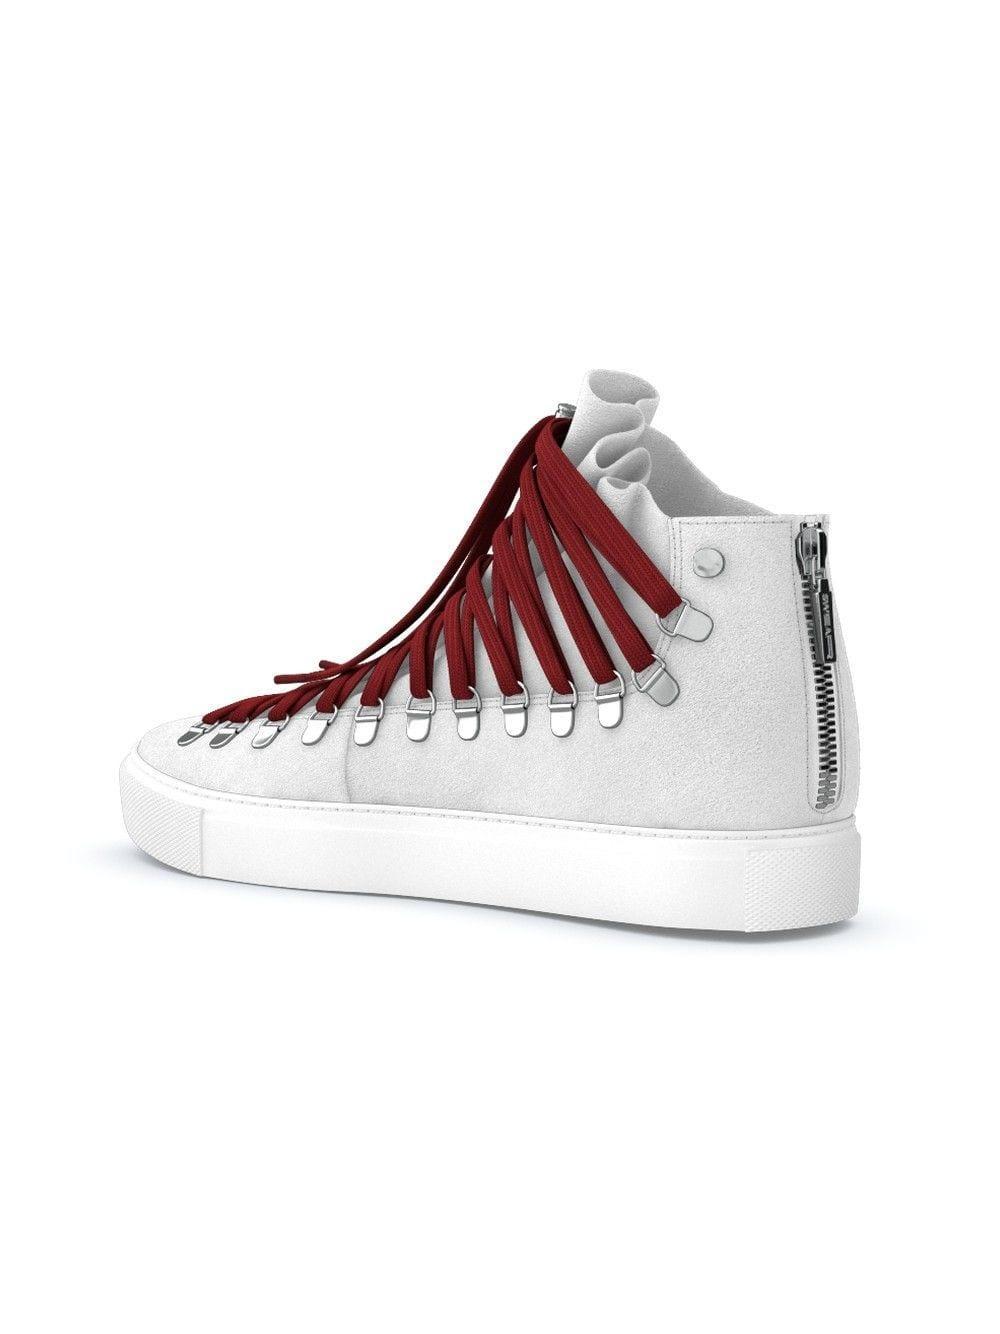 Swear X Joel Gallucks Redchurch Laced Hi-top Sneakers in White for Men